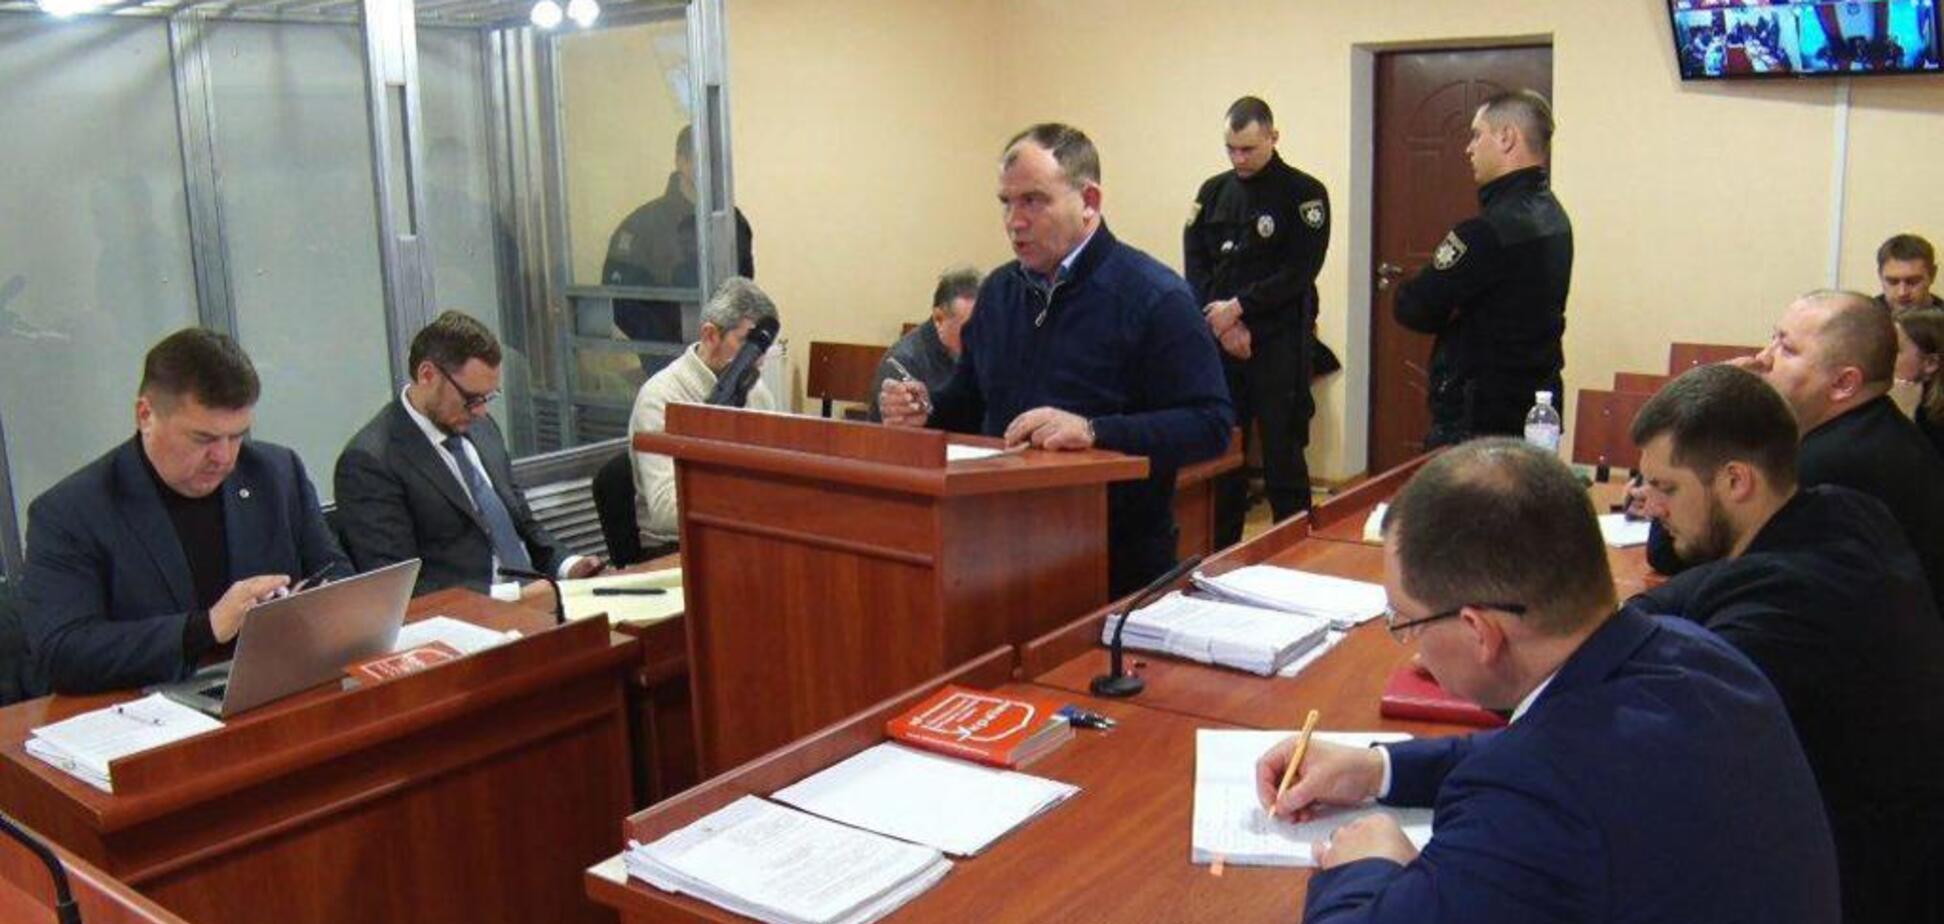 Вілкул: 'Після перезавантаження влади політичні в'язні вийдуть на свободу'